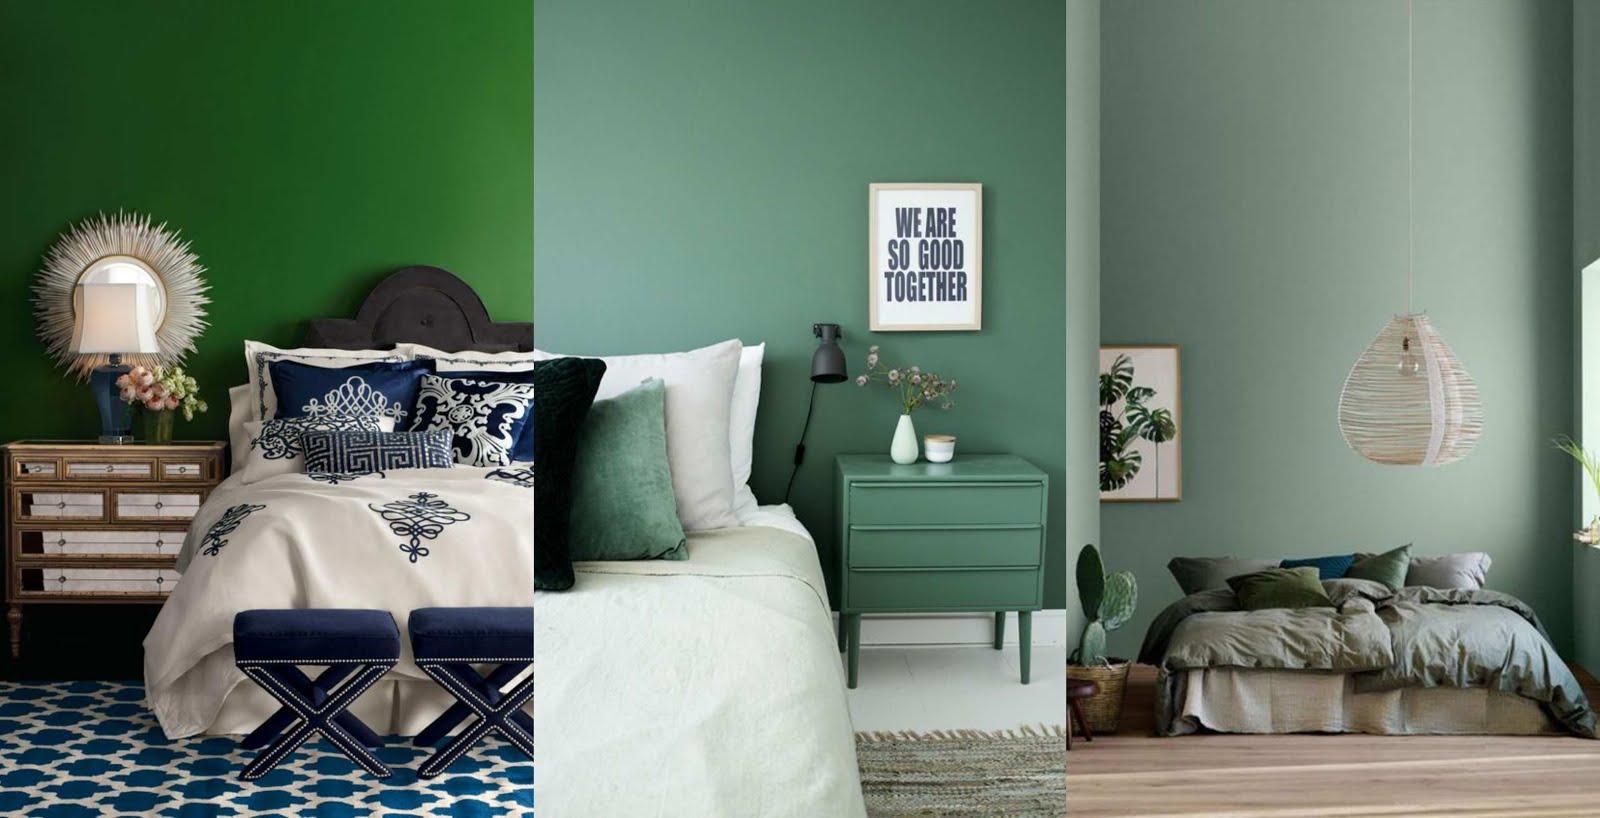 7 colores relajantes para dormitorios - Colores relajantes para dormitorio ...